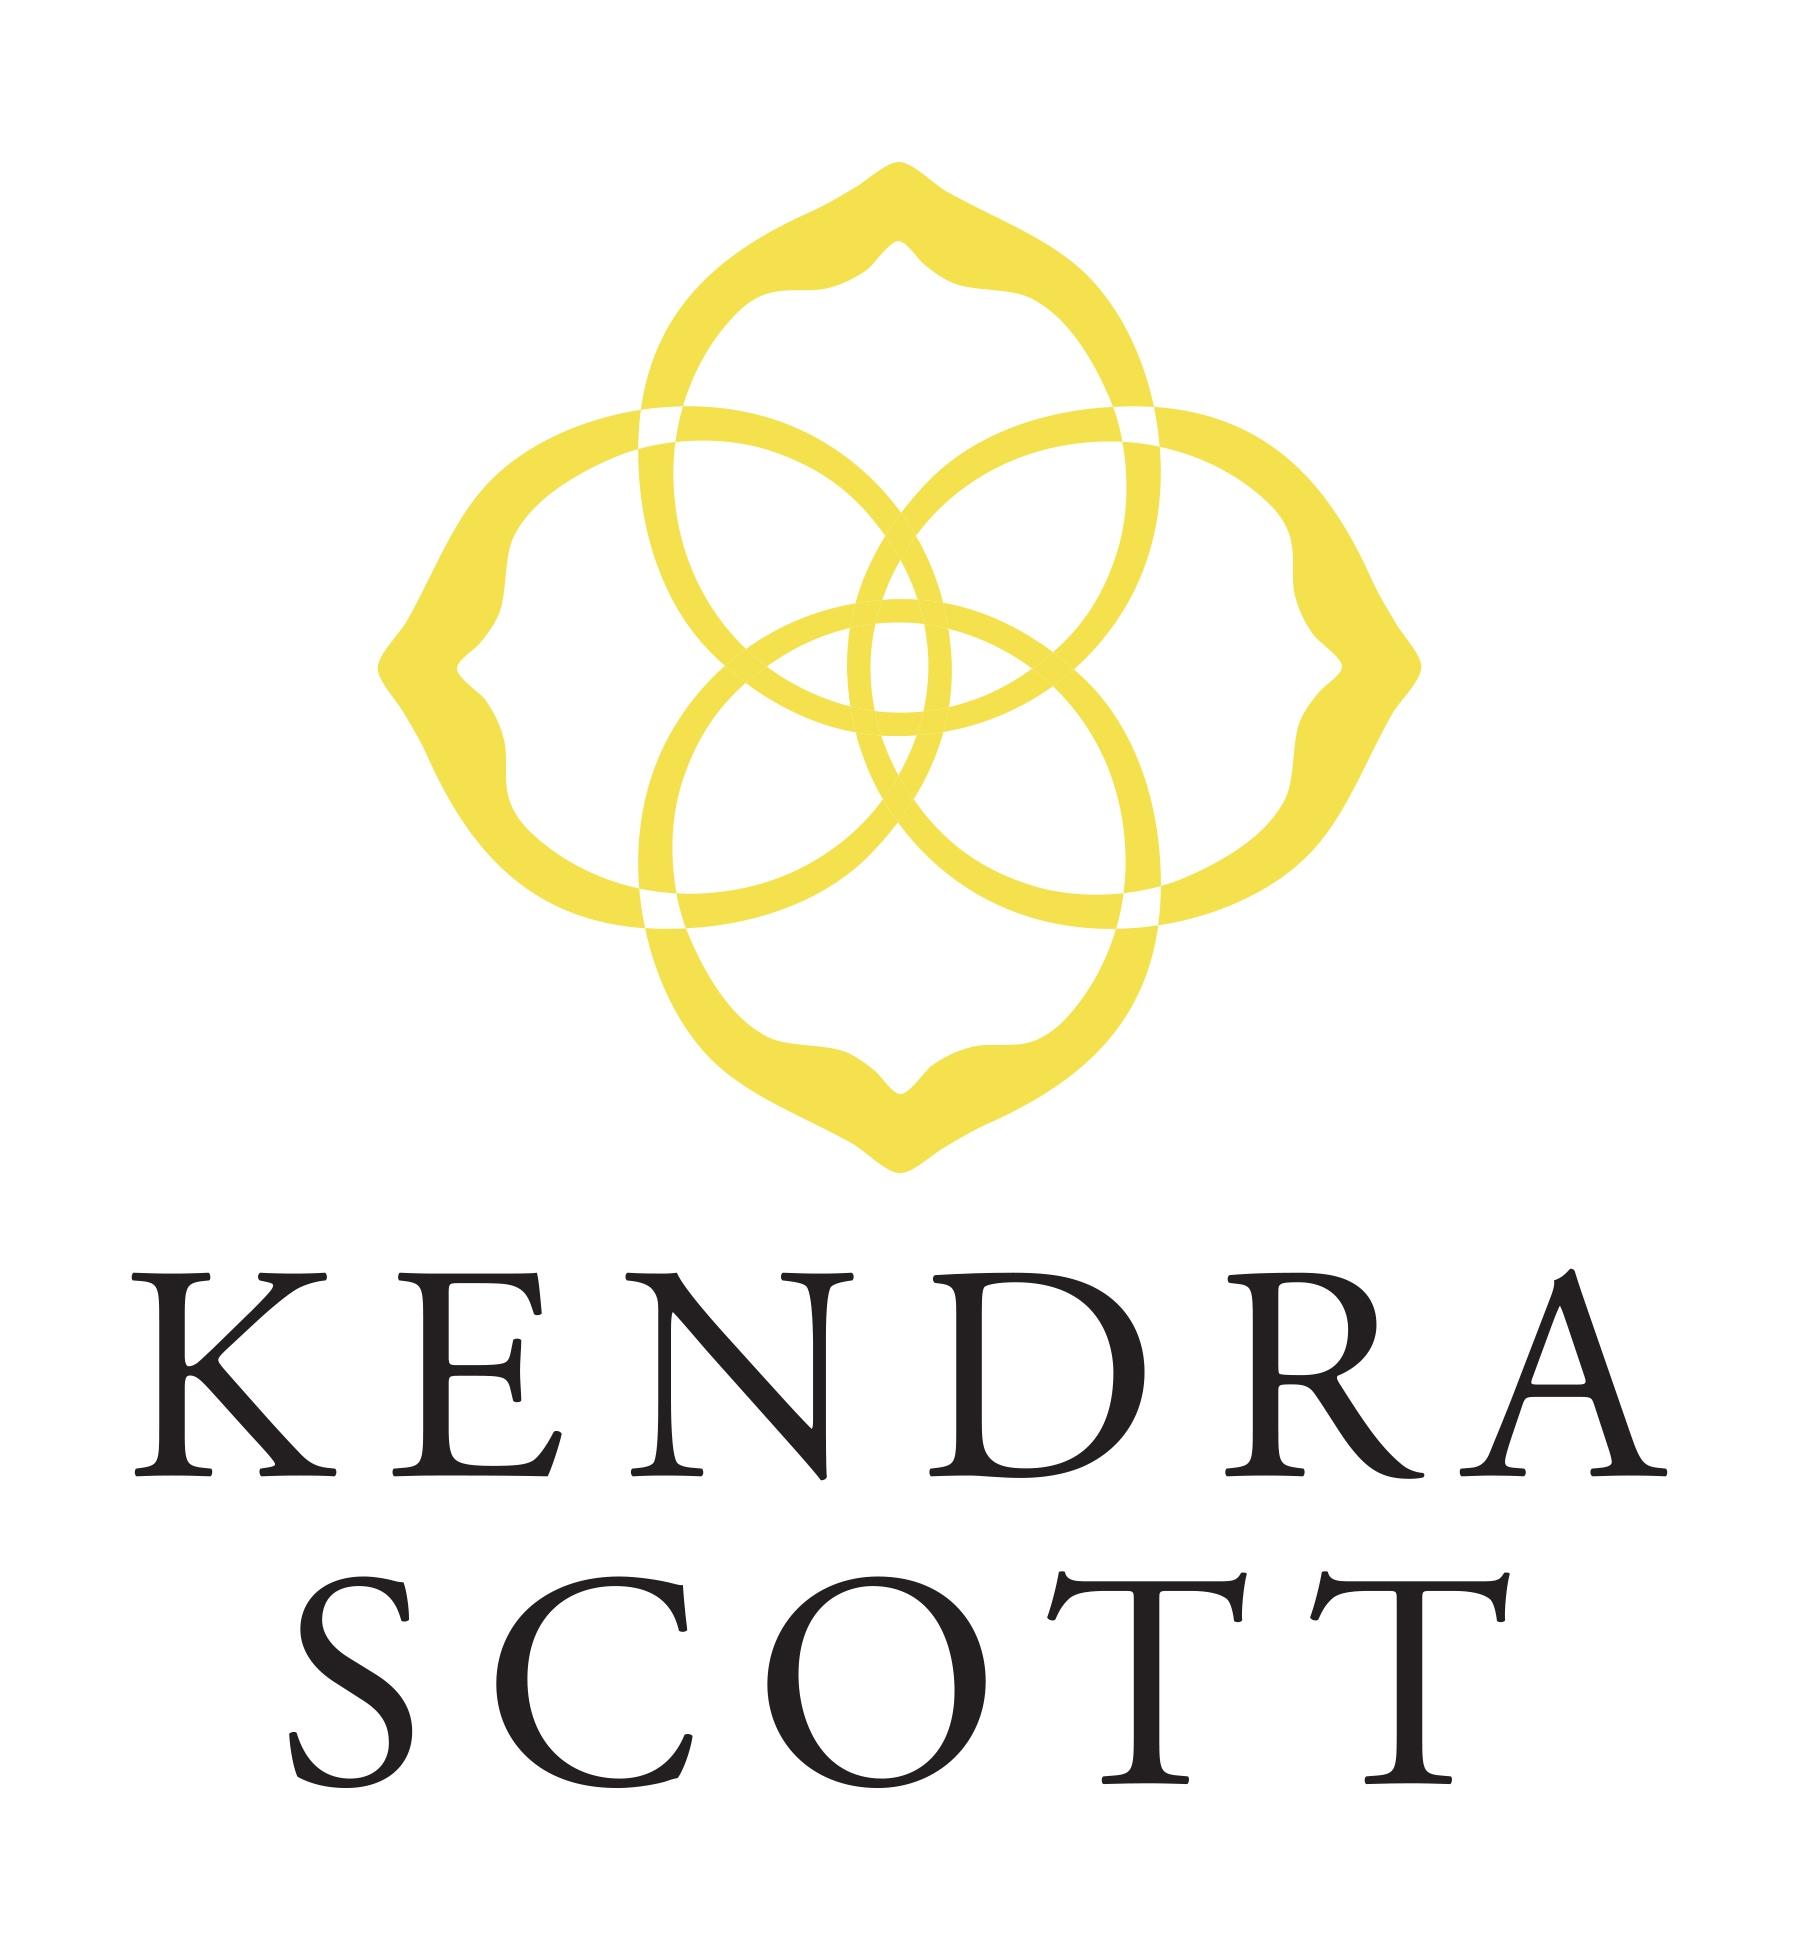 bltdb4316390dfee71a-Kendra Scott Logo  (002).jpg